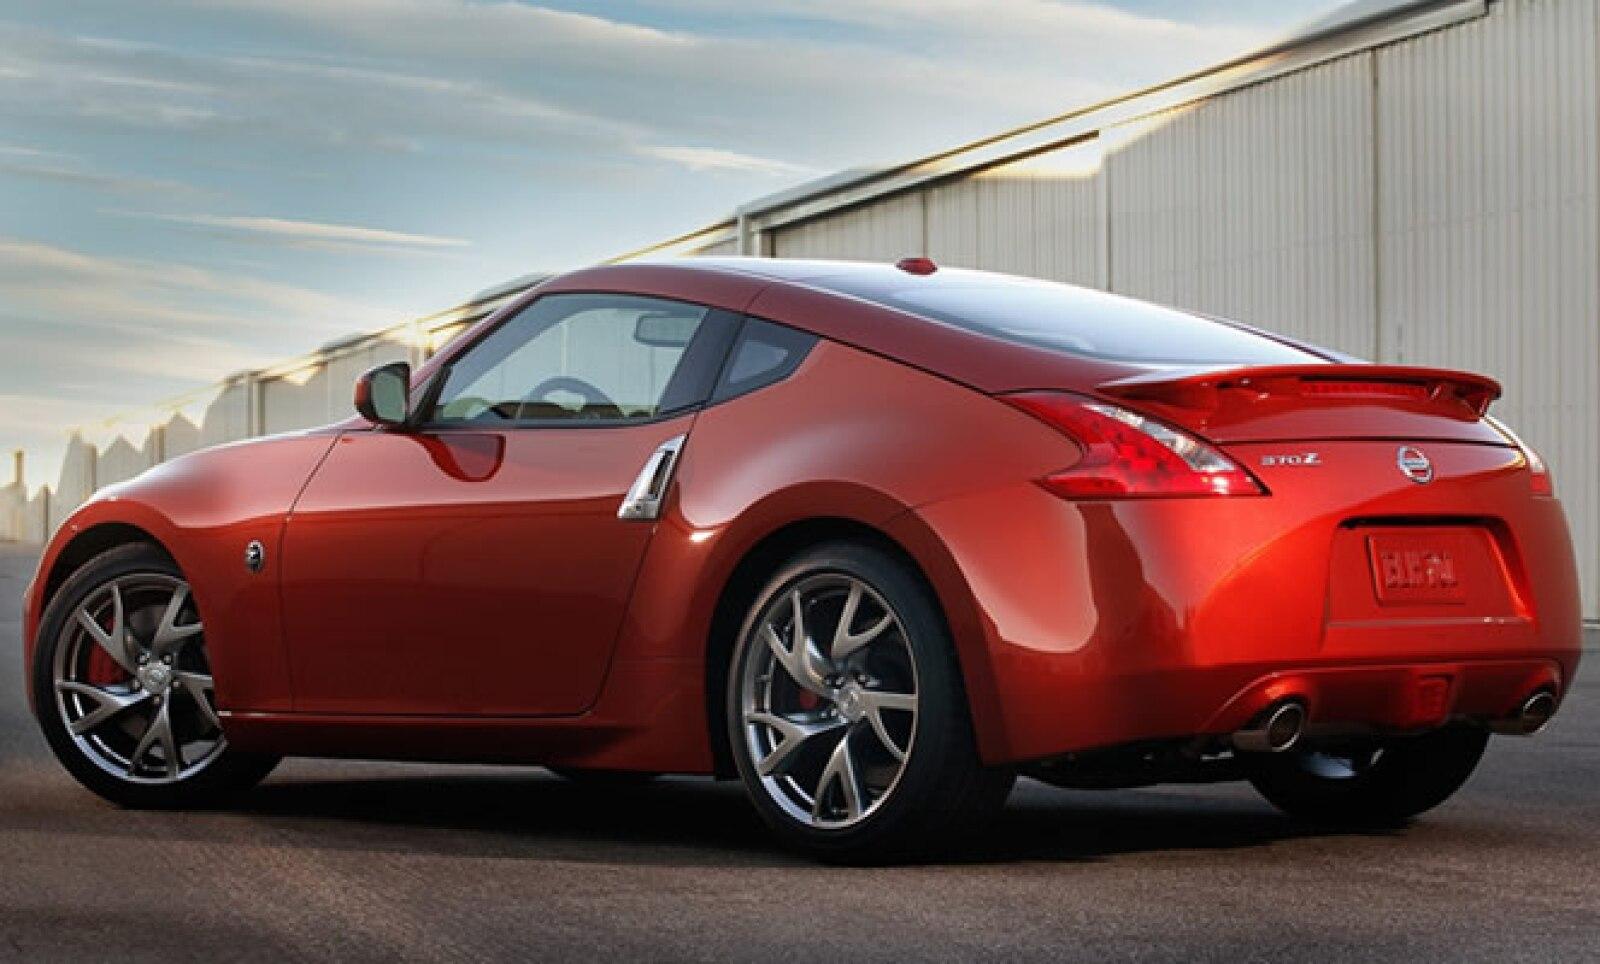 Mecánicamente no presenta cambios frente a su anterior versión, con un motor de 3.7 L V6 con 332 caballos de fuerza, transmisión manual de seis cambios y automática de siete.